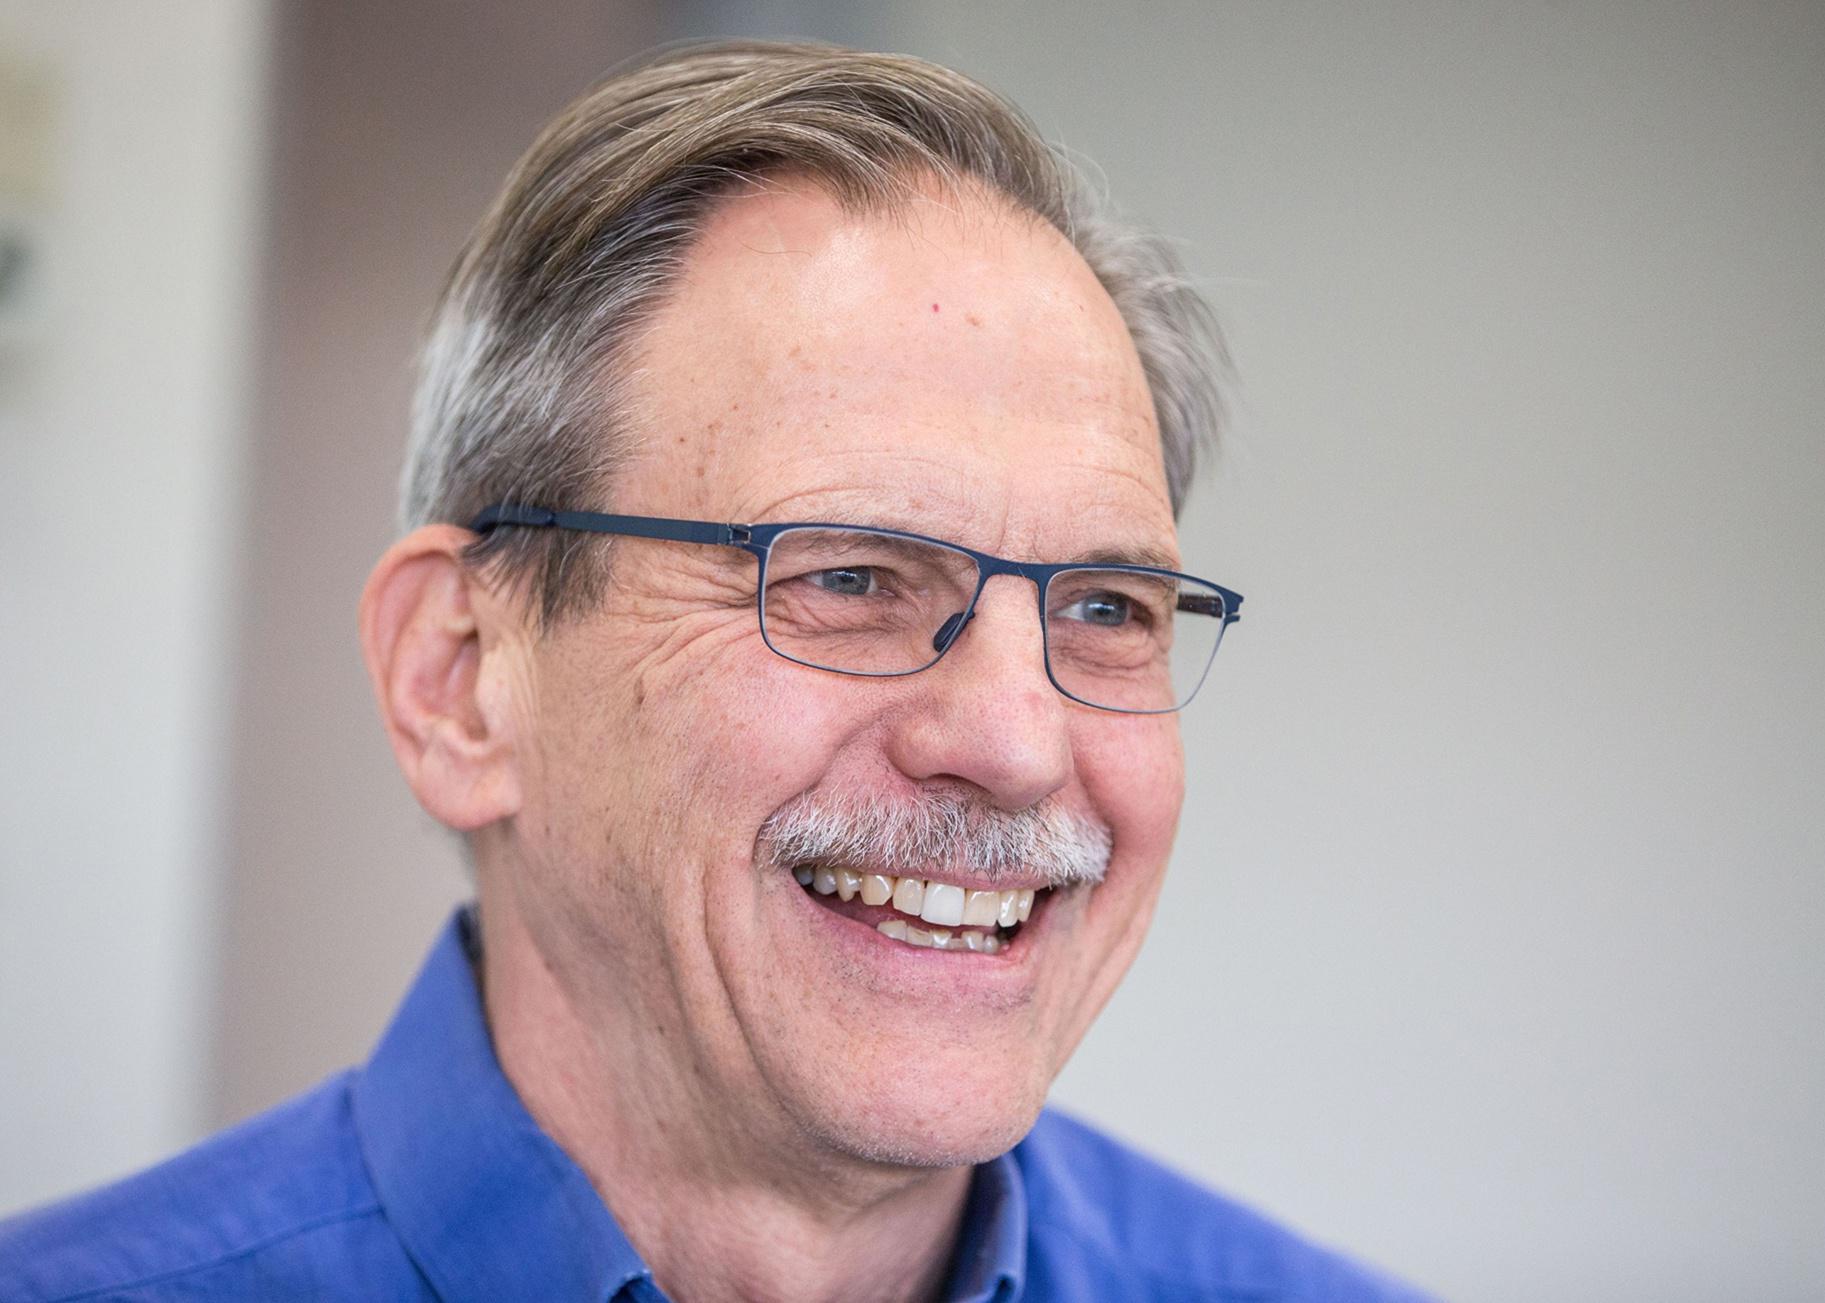 Timothy Springer là giáo sư tại Trường Y Harvard. Ảnh: Bloomberg